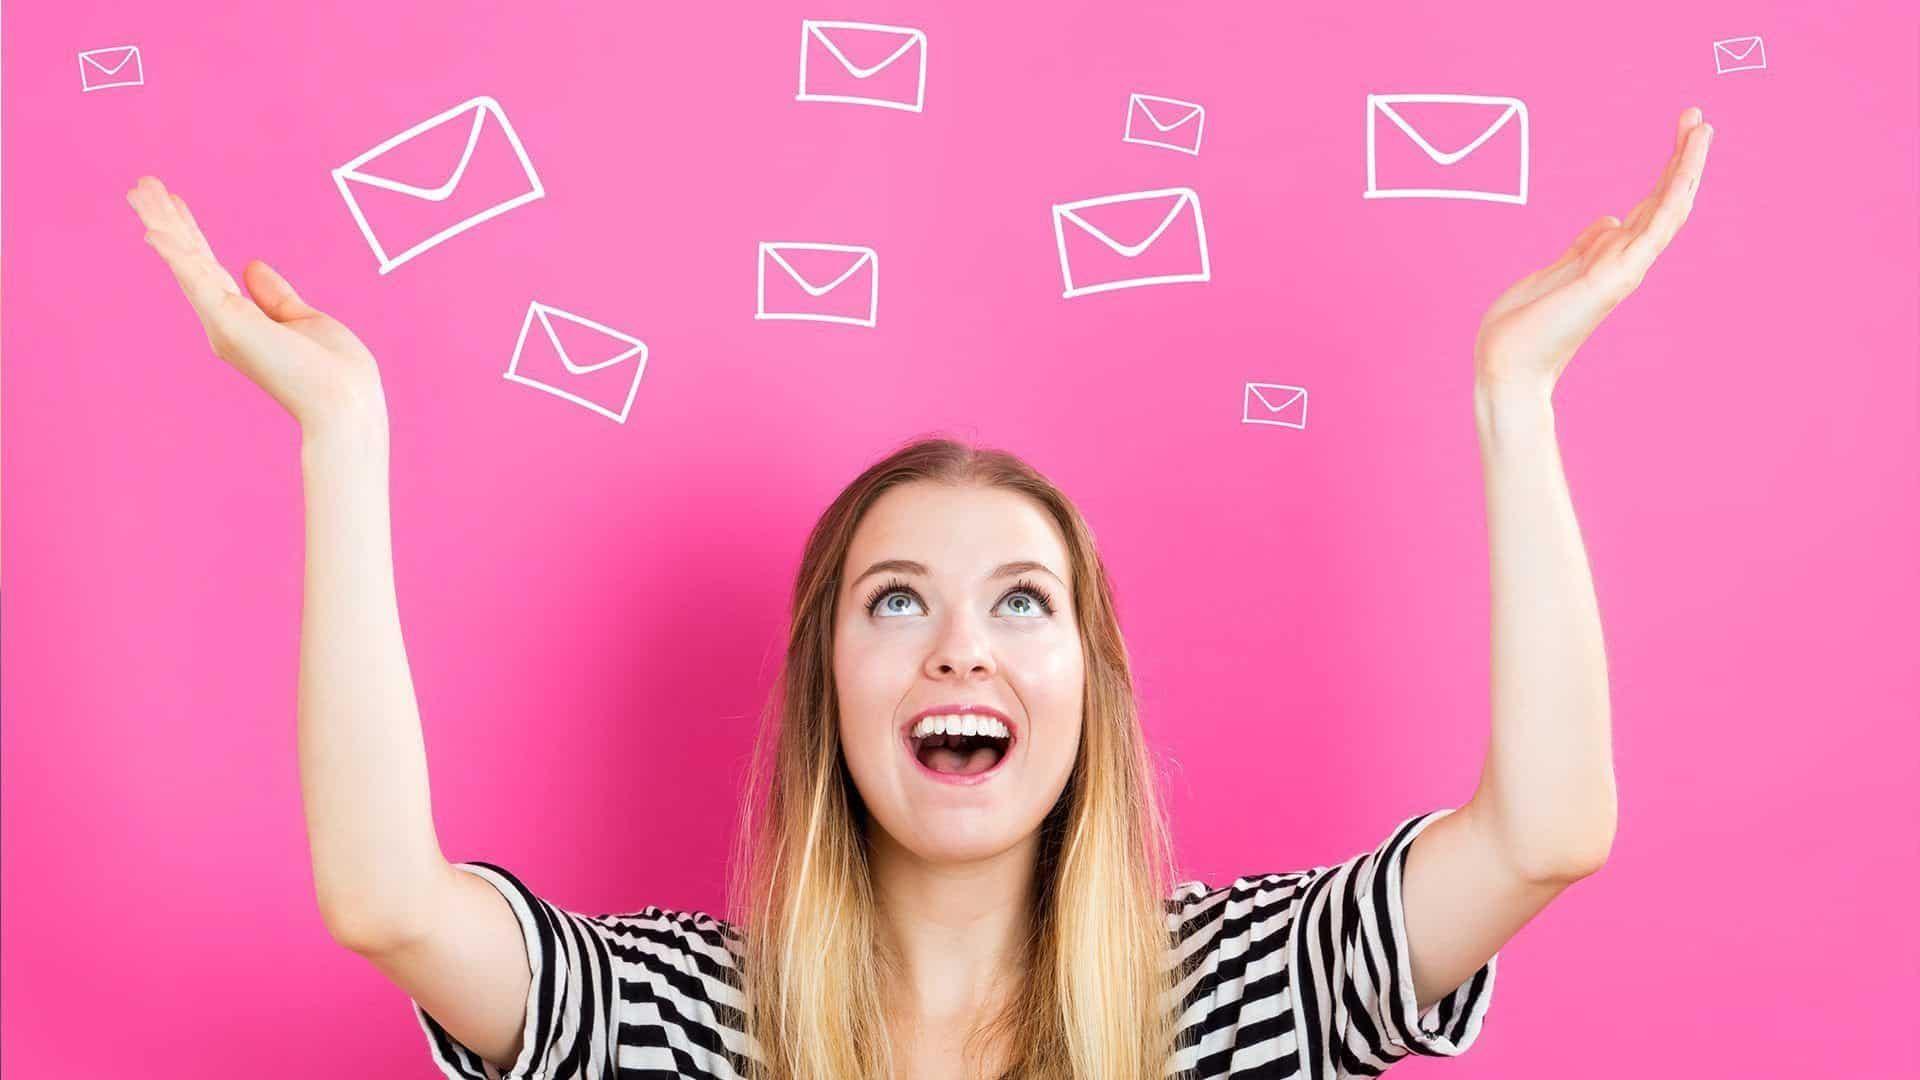 Email nurture sequence